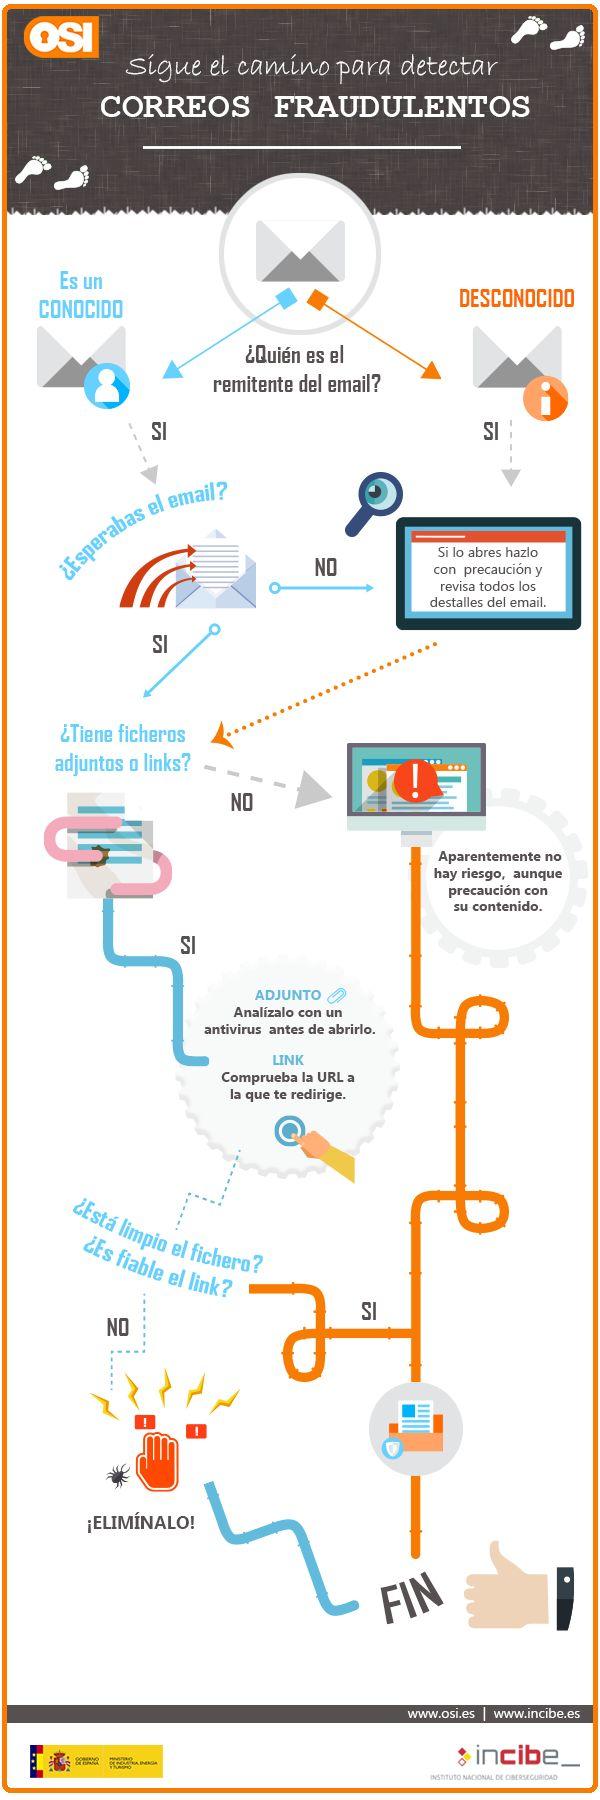 Infografía del artículo sigue los pasos para detectar correos fraudulentos